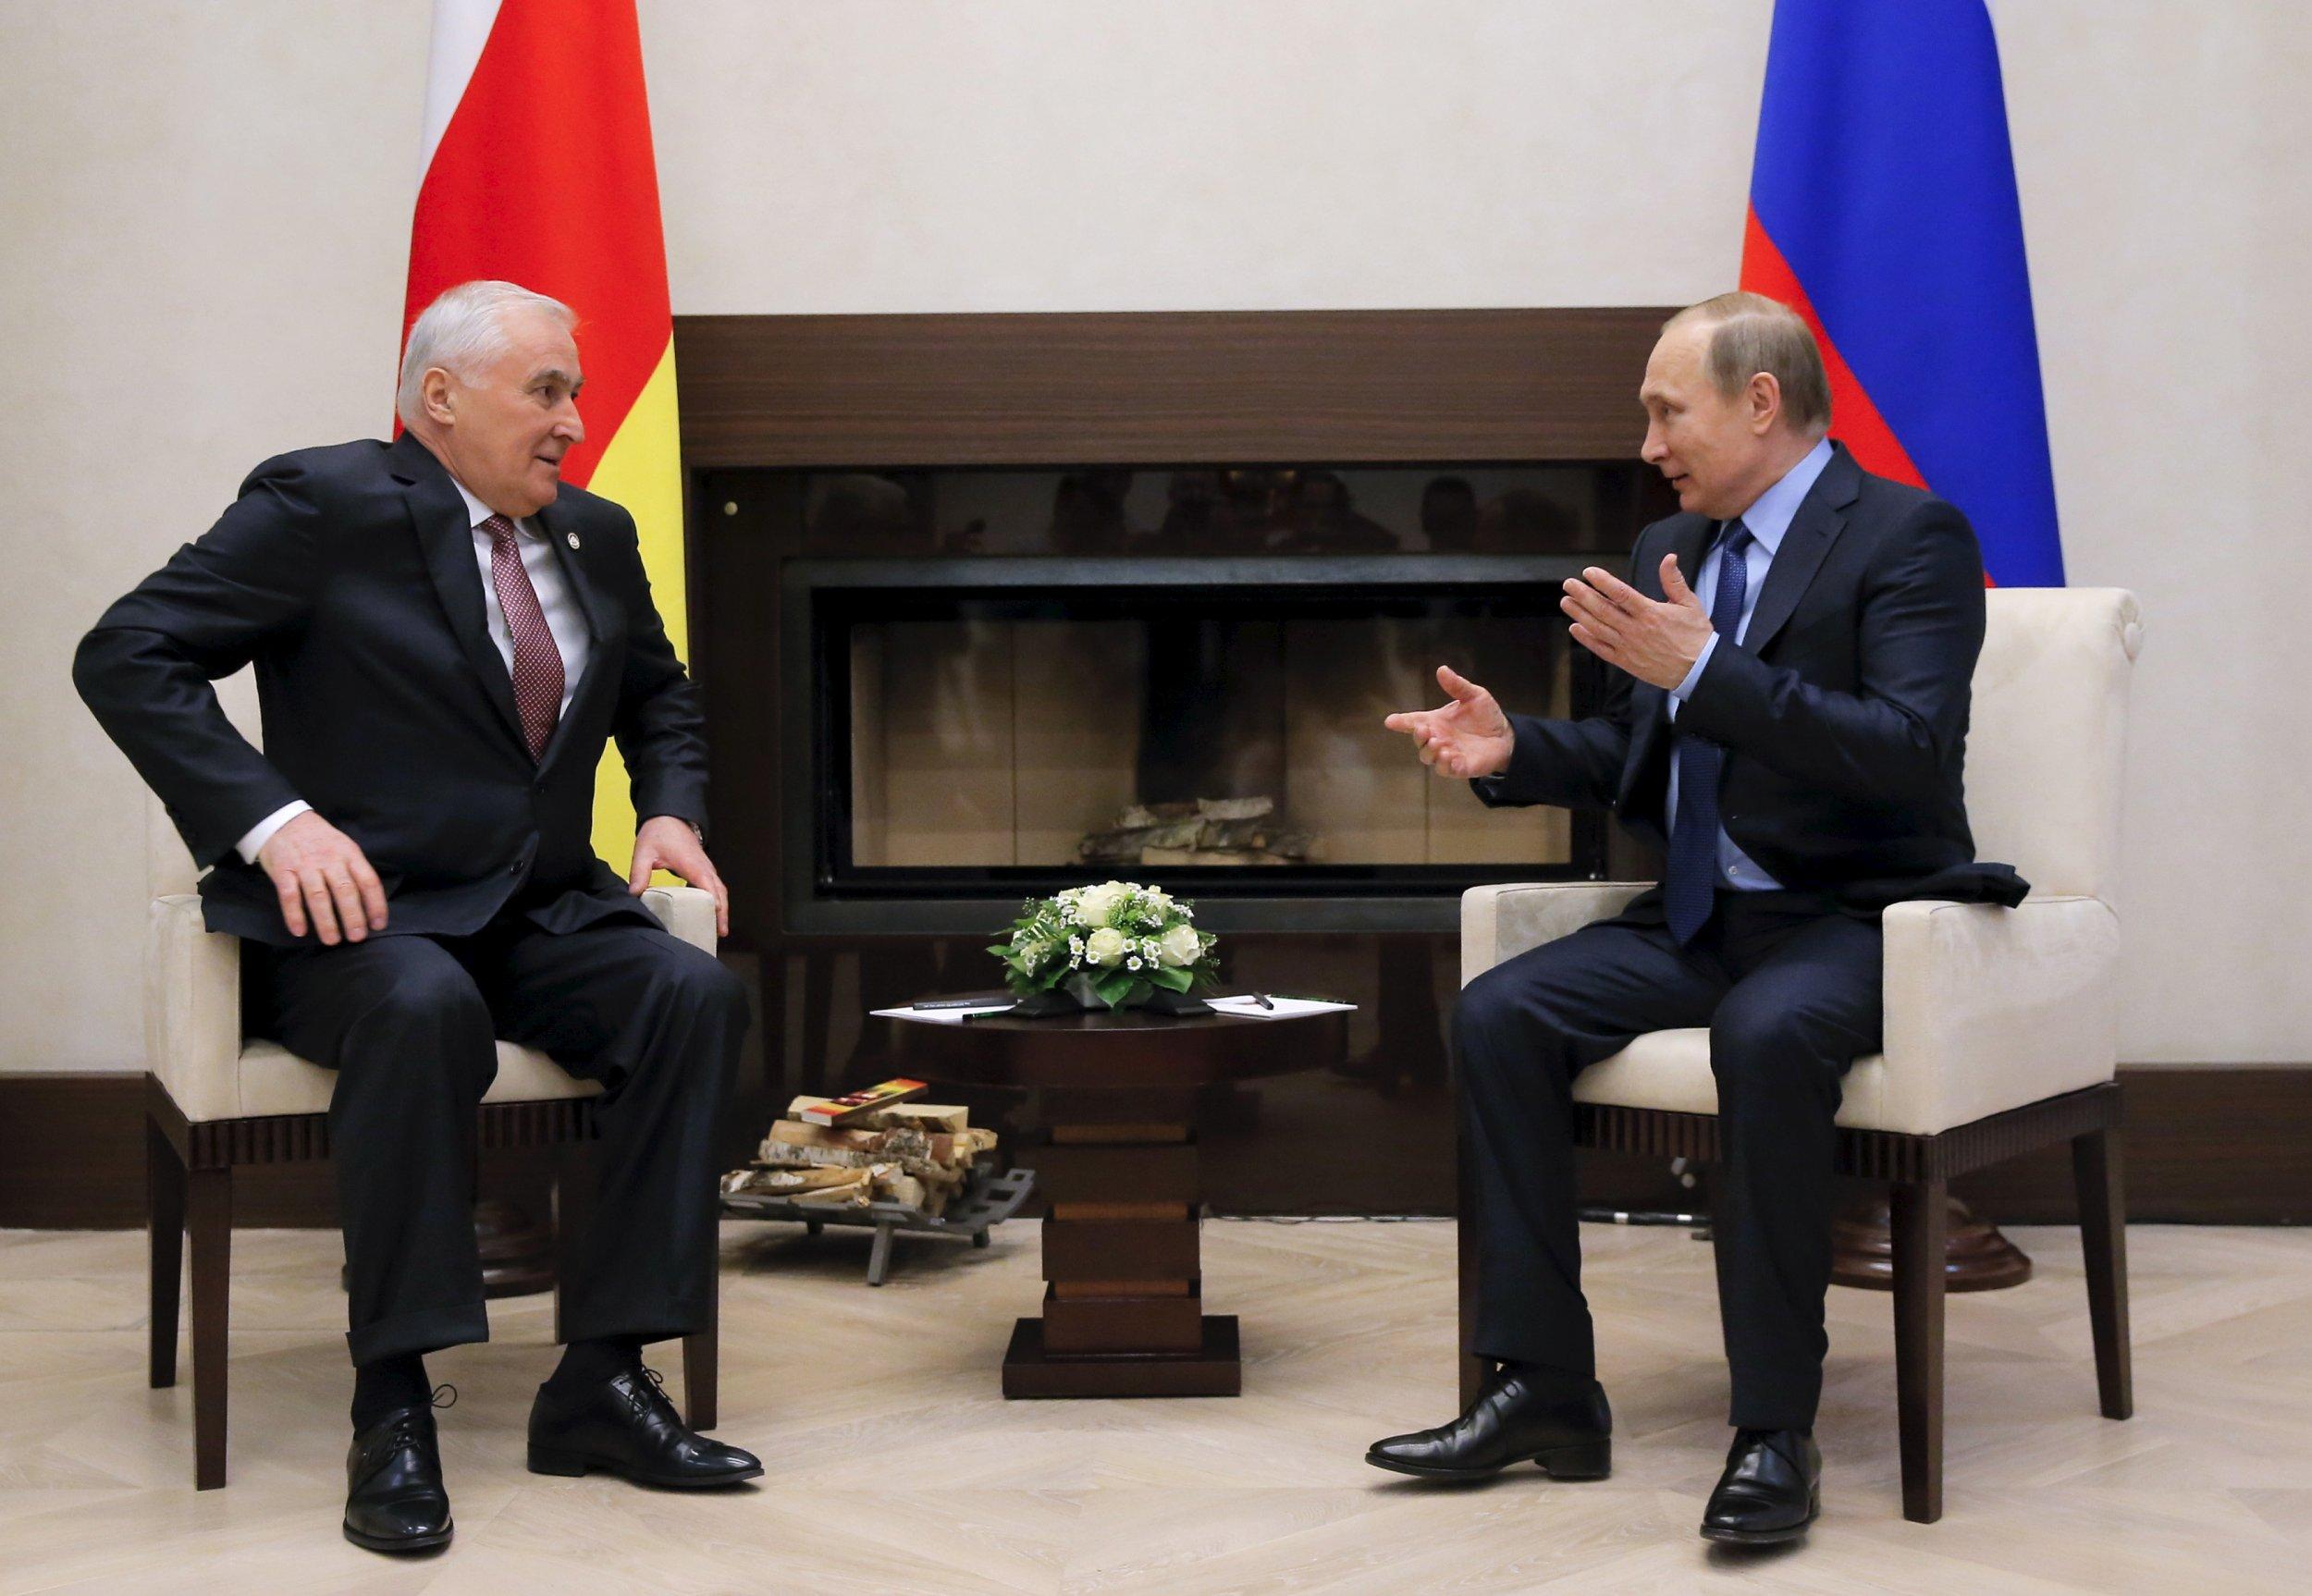 Putin and Tibilov